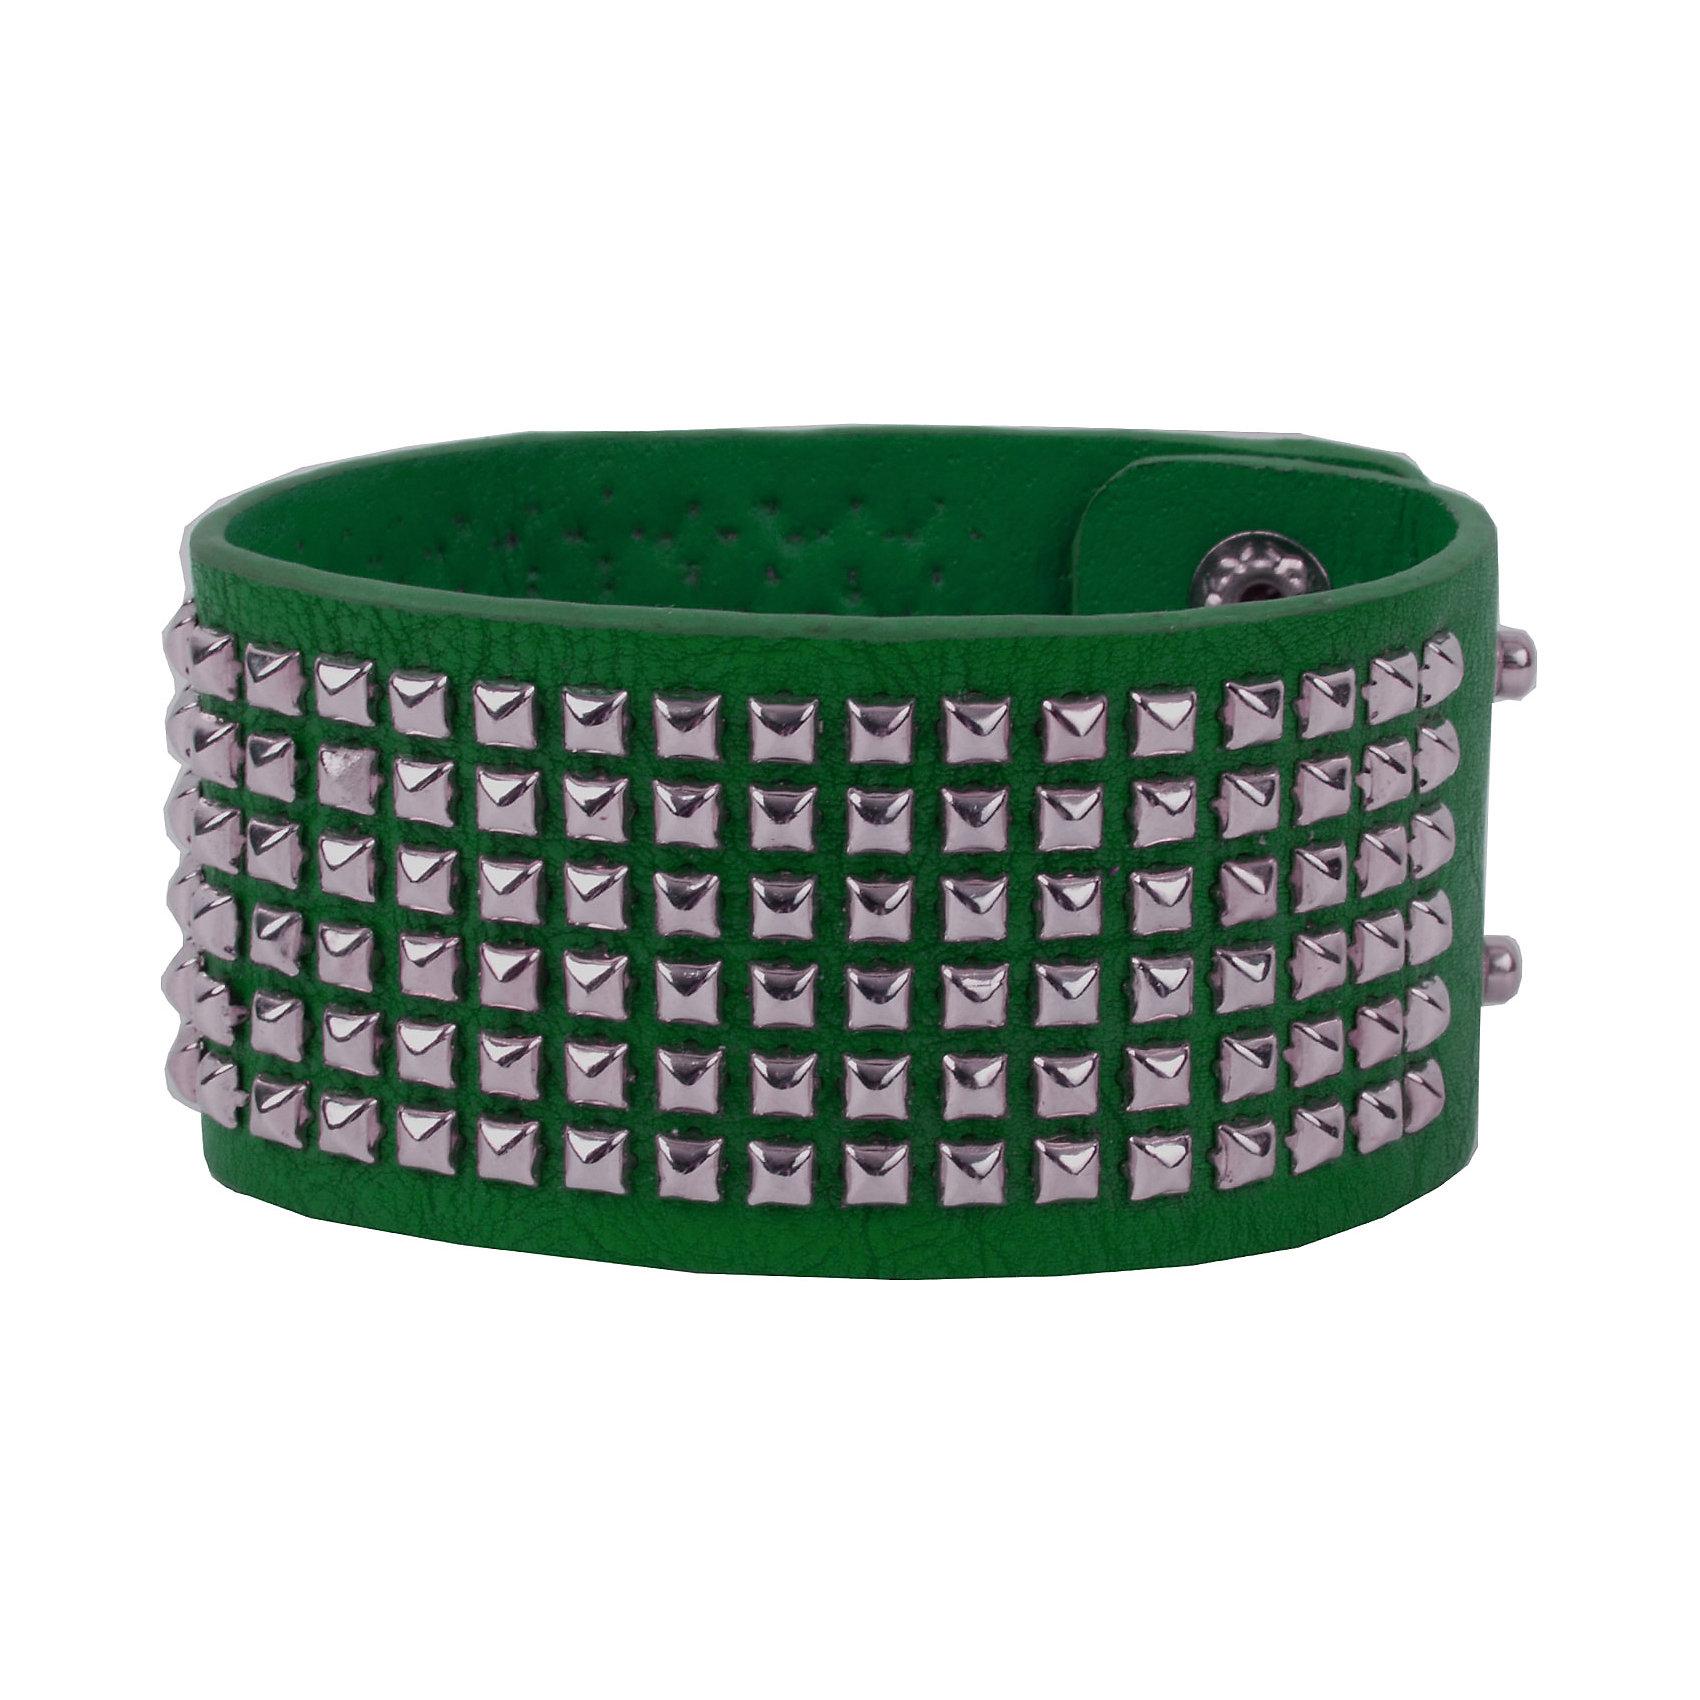 Браслет для девочки GulliverАксессуары<br>Широкий зеленый браслет из искусственной кожи с металлической фурнитурой - стильное завершение образа в стиле casual.<br>Состав:<br>бычья кожа, сталь<br><br>Ширина мм: 170<br>Глубина мм: 157<br>Высота мм: 67<br>Вес г: 117<br>Цвет: зеленый<br>Возраст от месяцев: 132<br>Возраст до месяцев: 180<br>Пол: Женский<br>Возраст: Детский<br>Размер: one size<br>SKU: 5483103